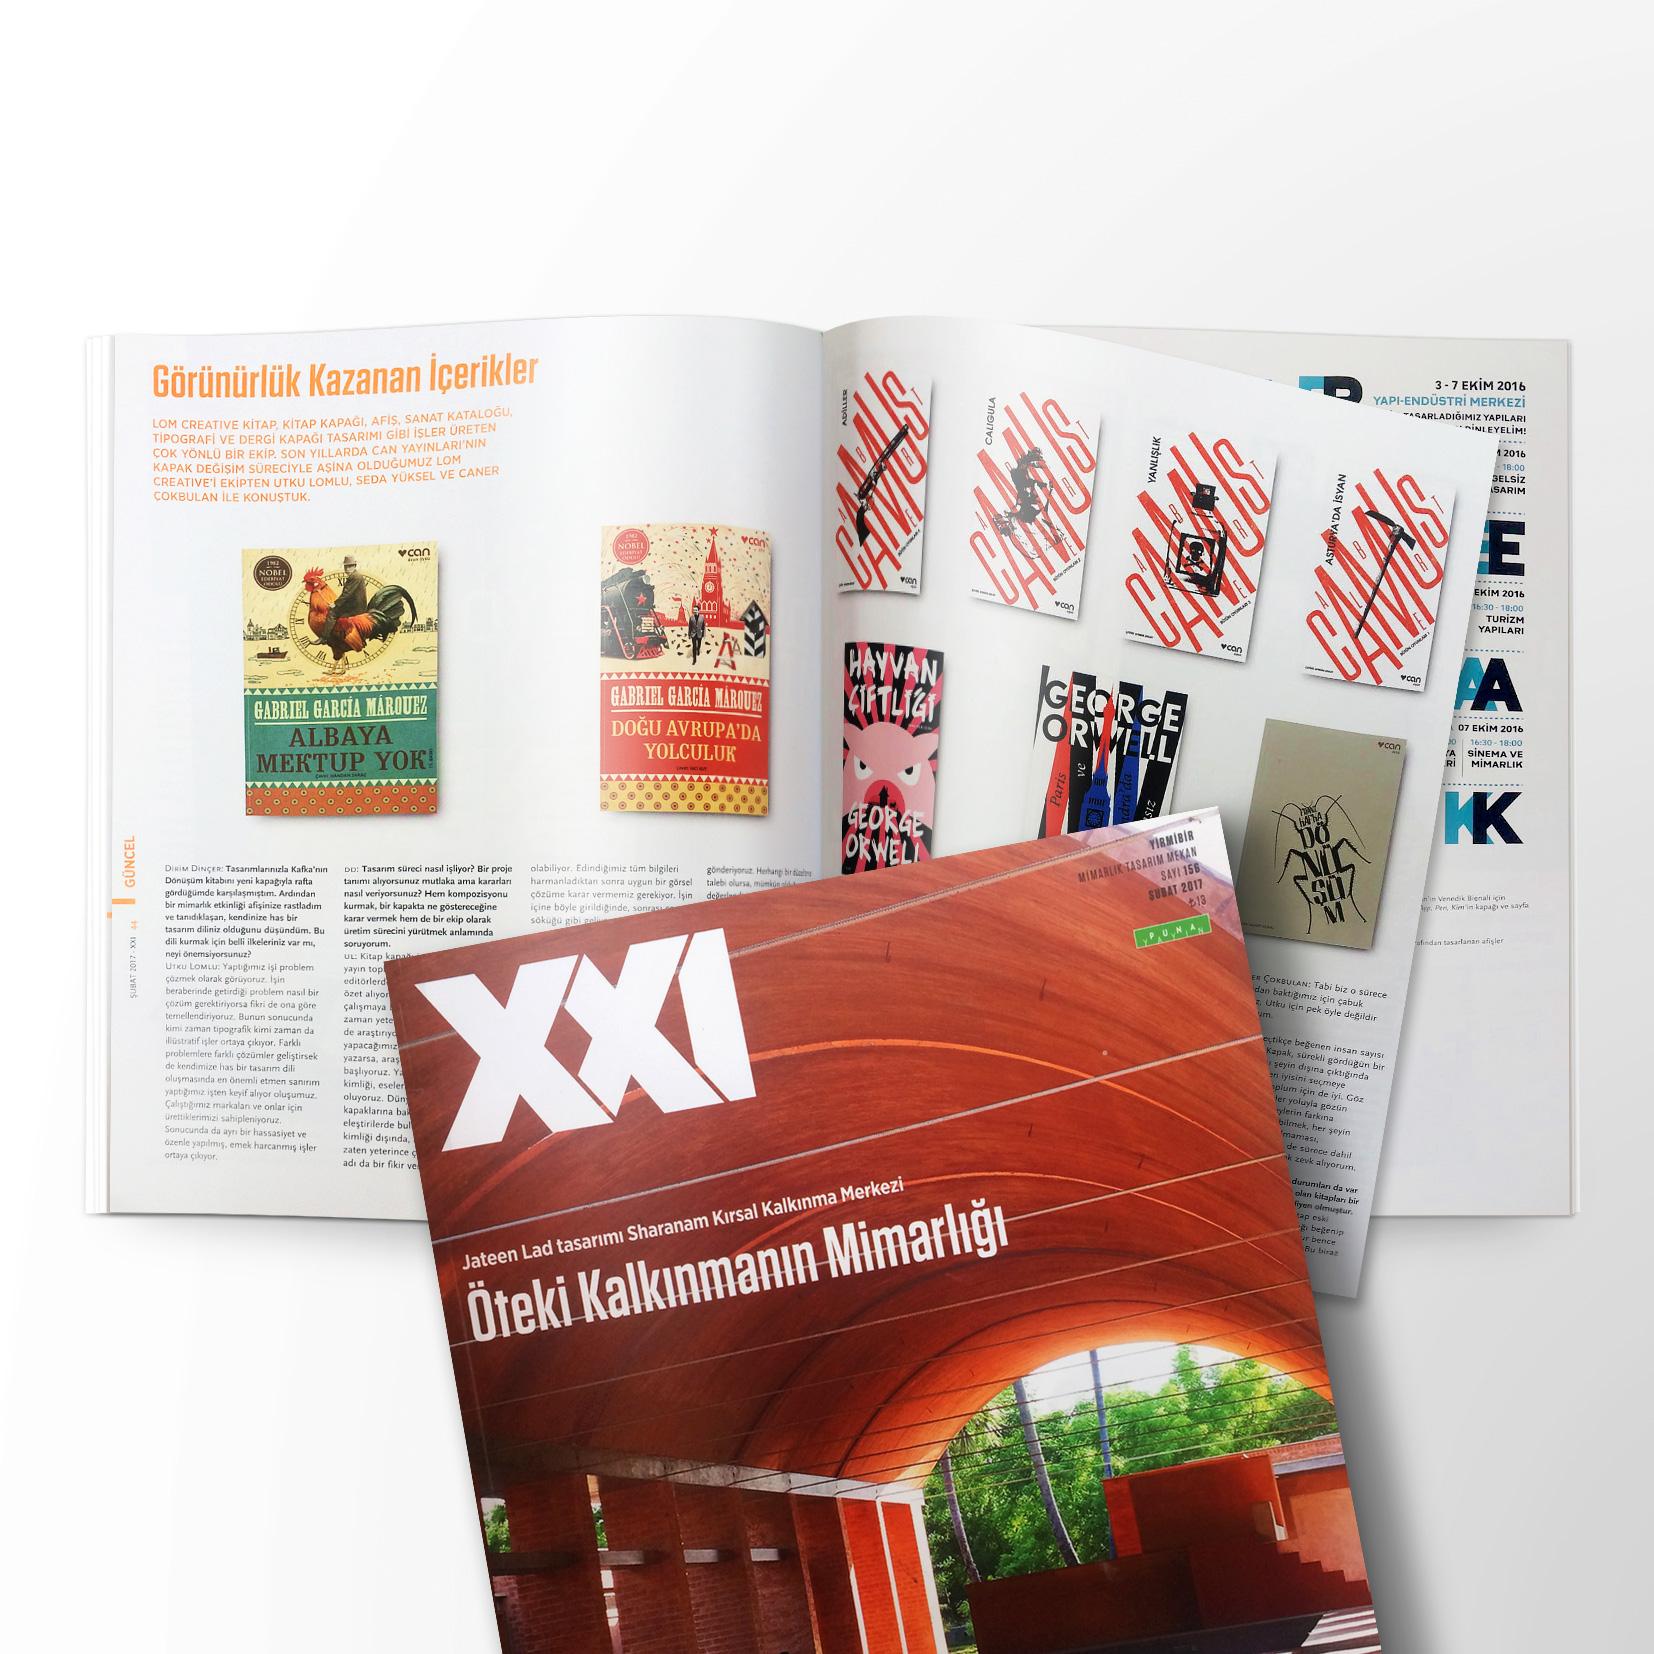 XXI dergisi son sayısında Lom Creative'i tanıttı.